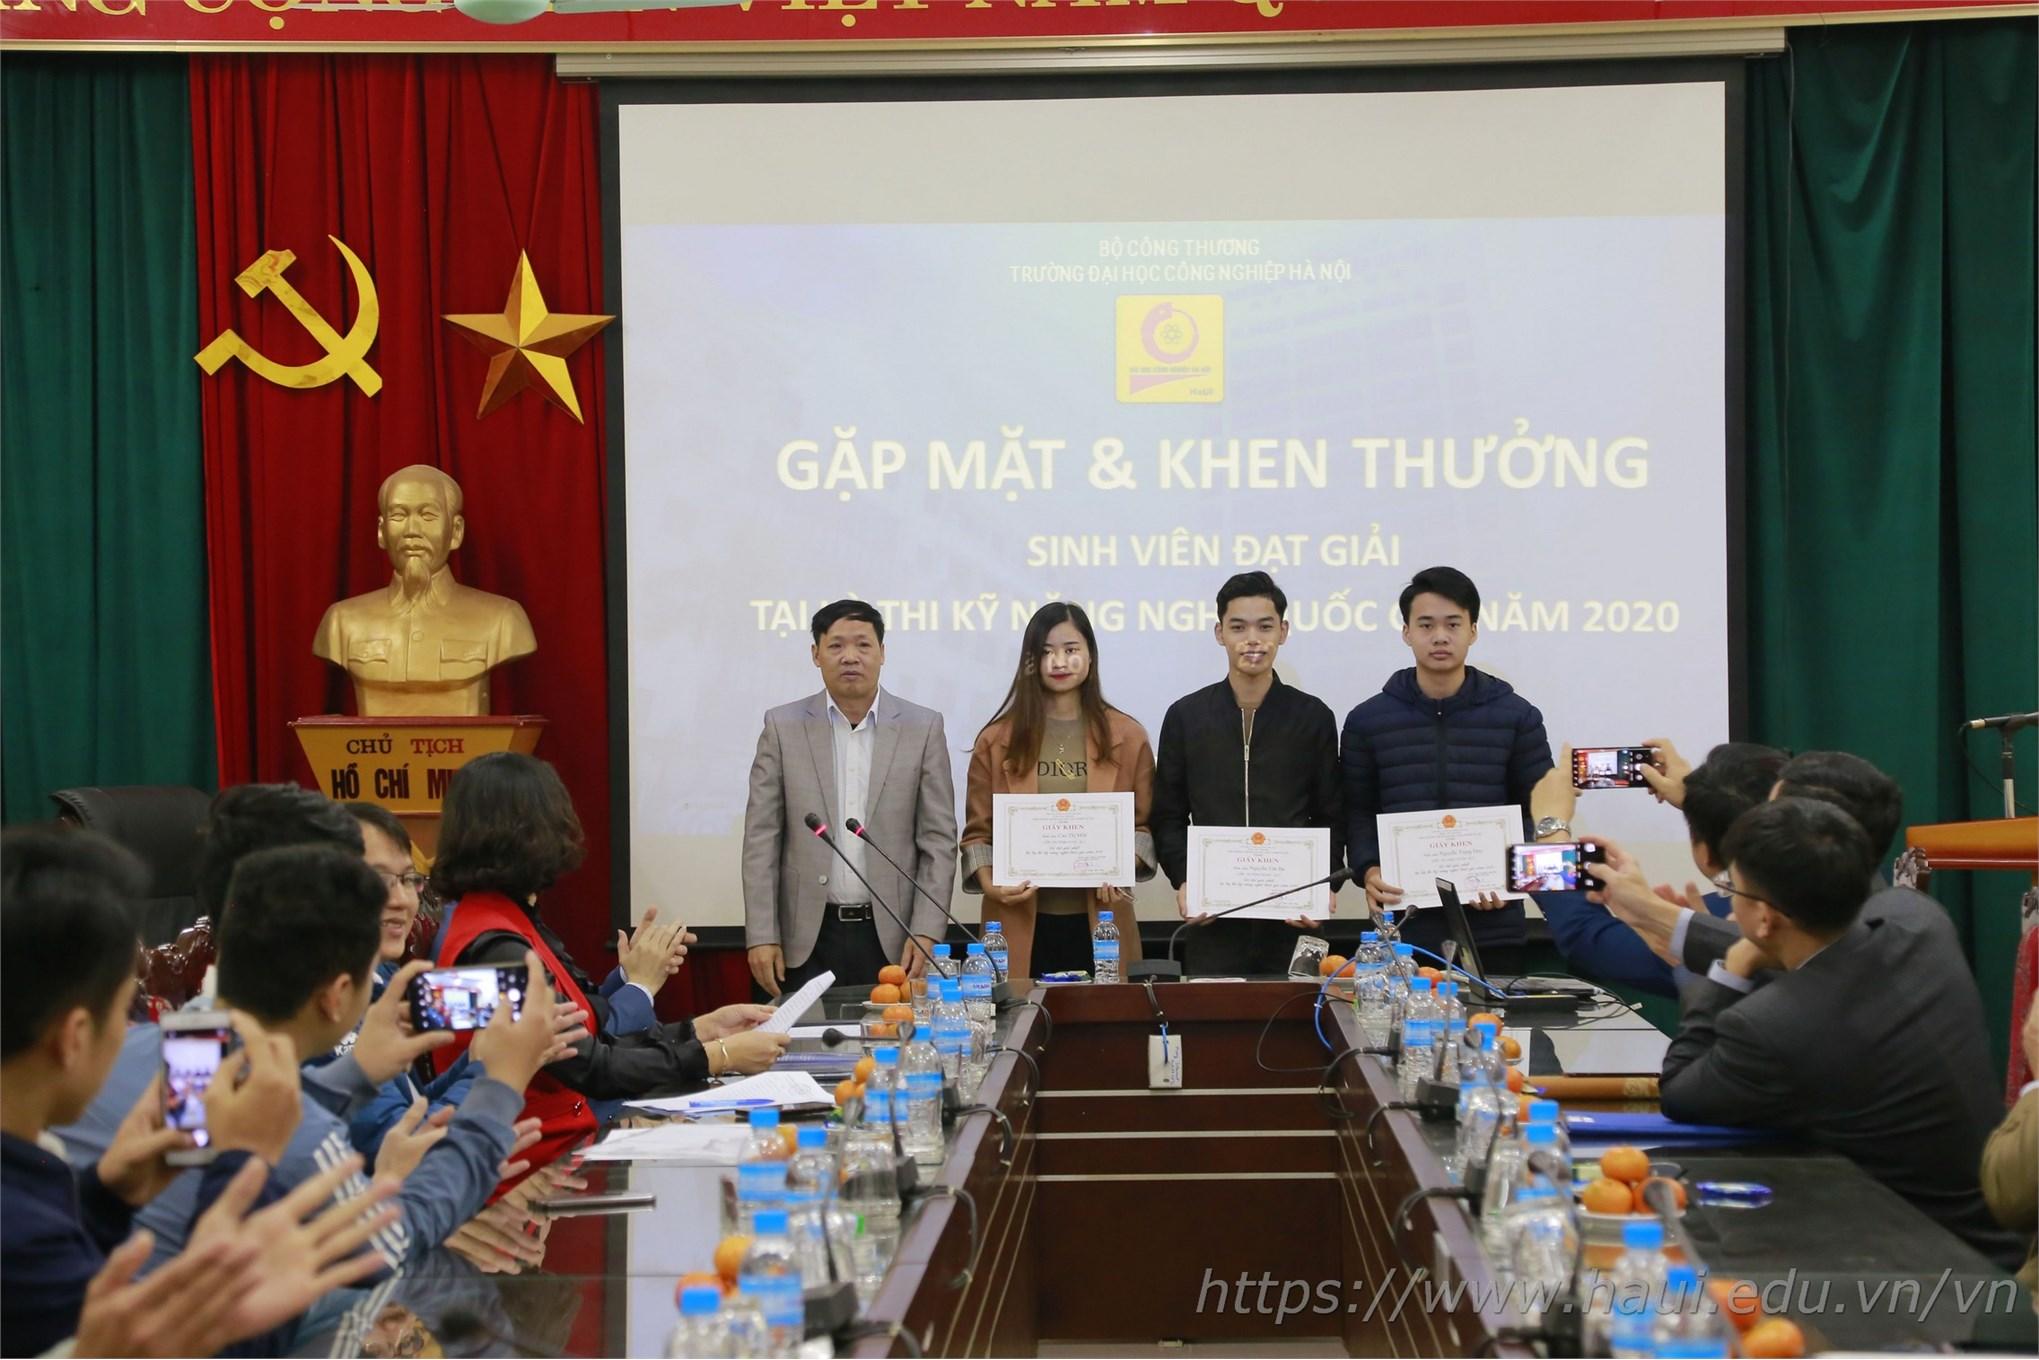 Thầy Phó Hiệu trưởng trao tặng Giấy khen cho sinh viên đạt Huy chương Vàng tại Kỳ thi KNN quốc gia năm 2020